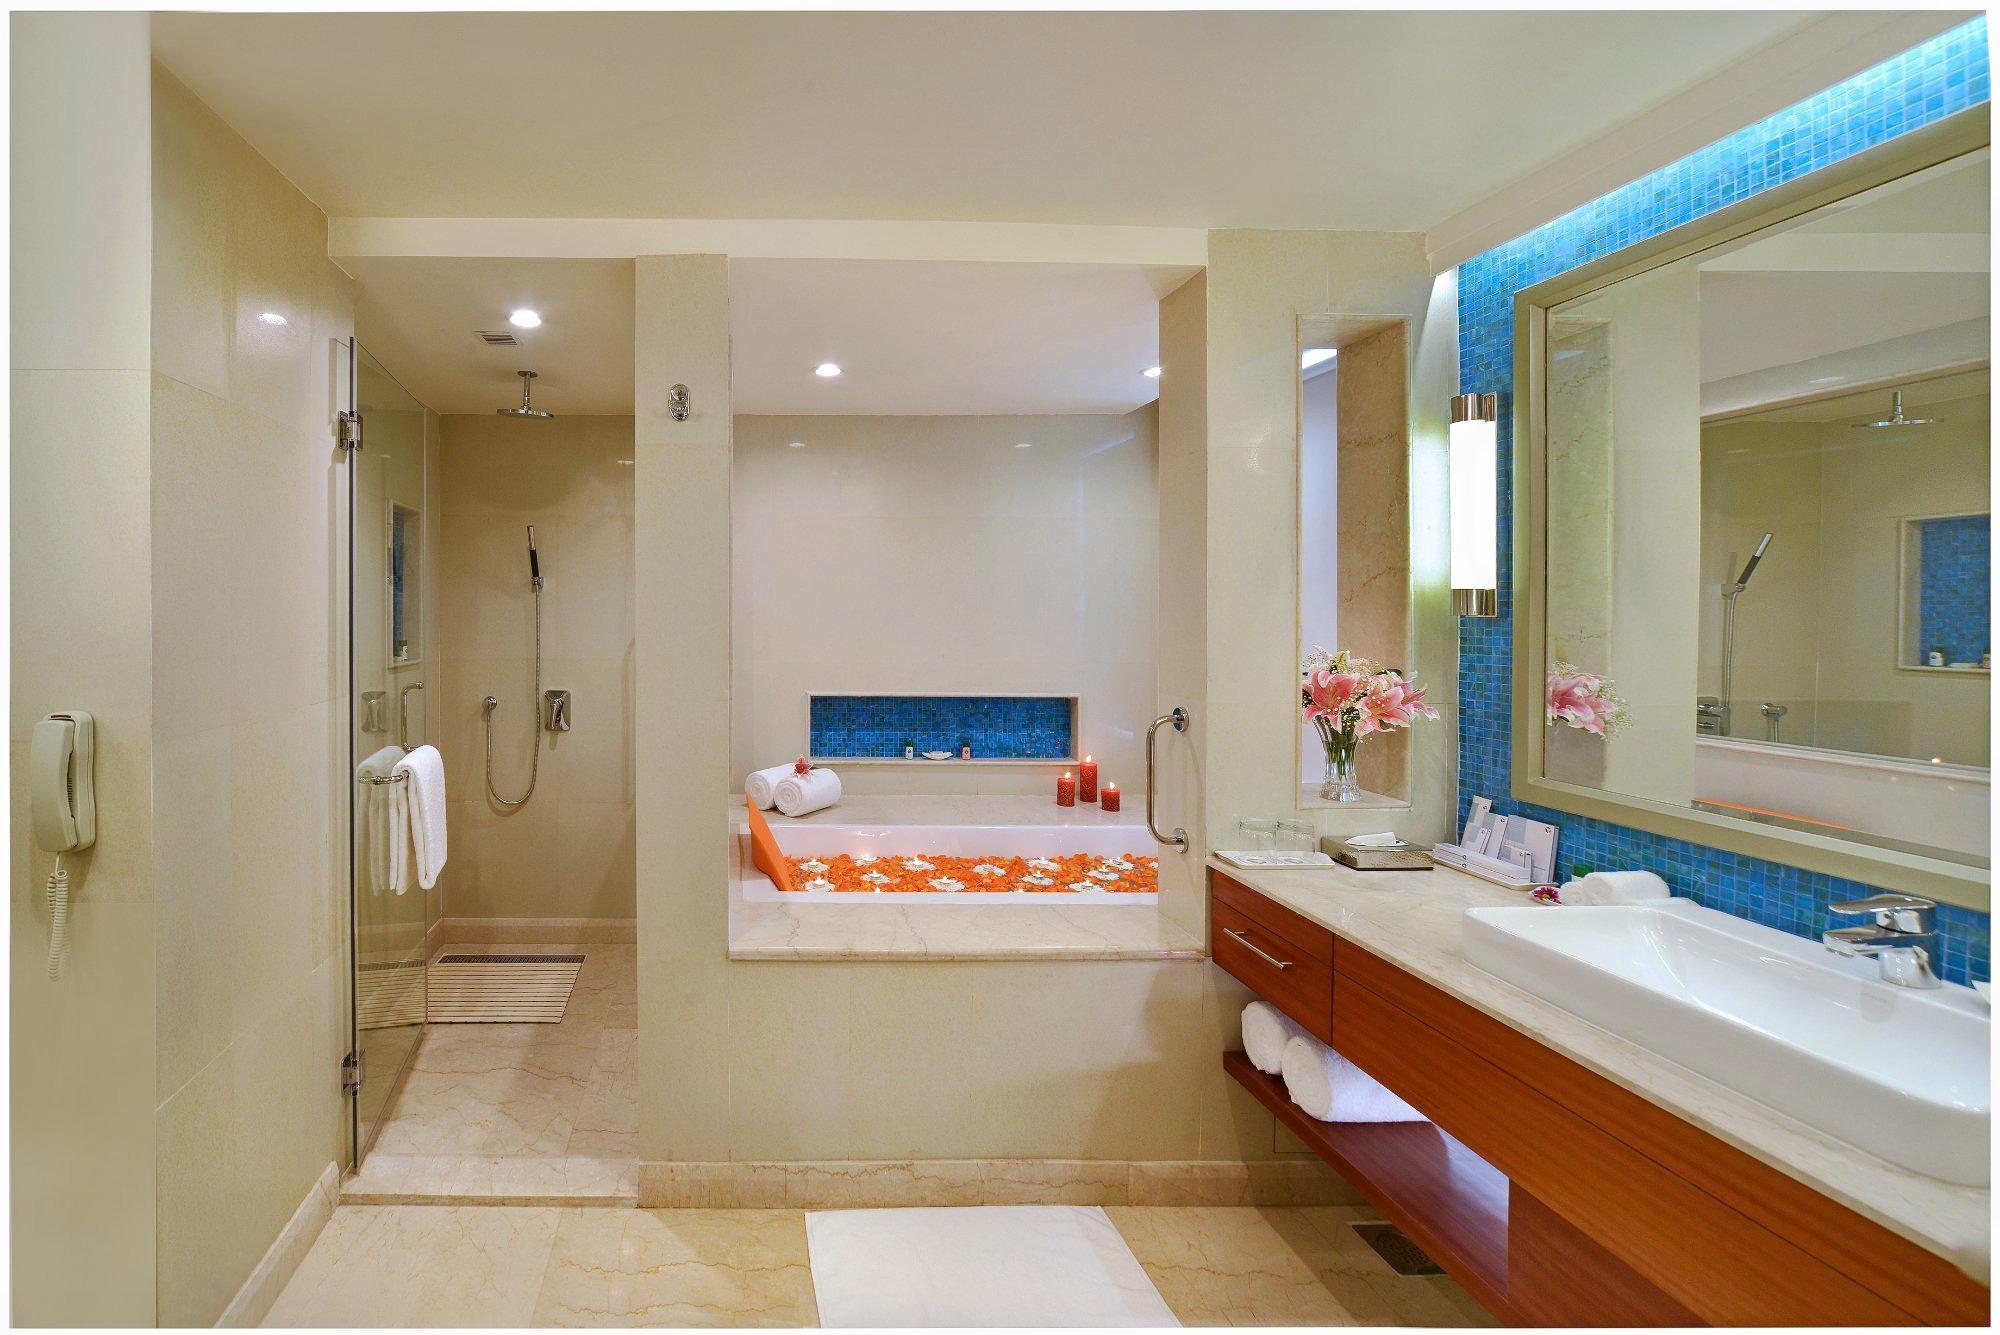 1596783947_suite-bathroom.jpg